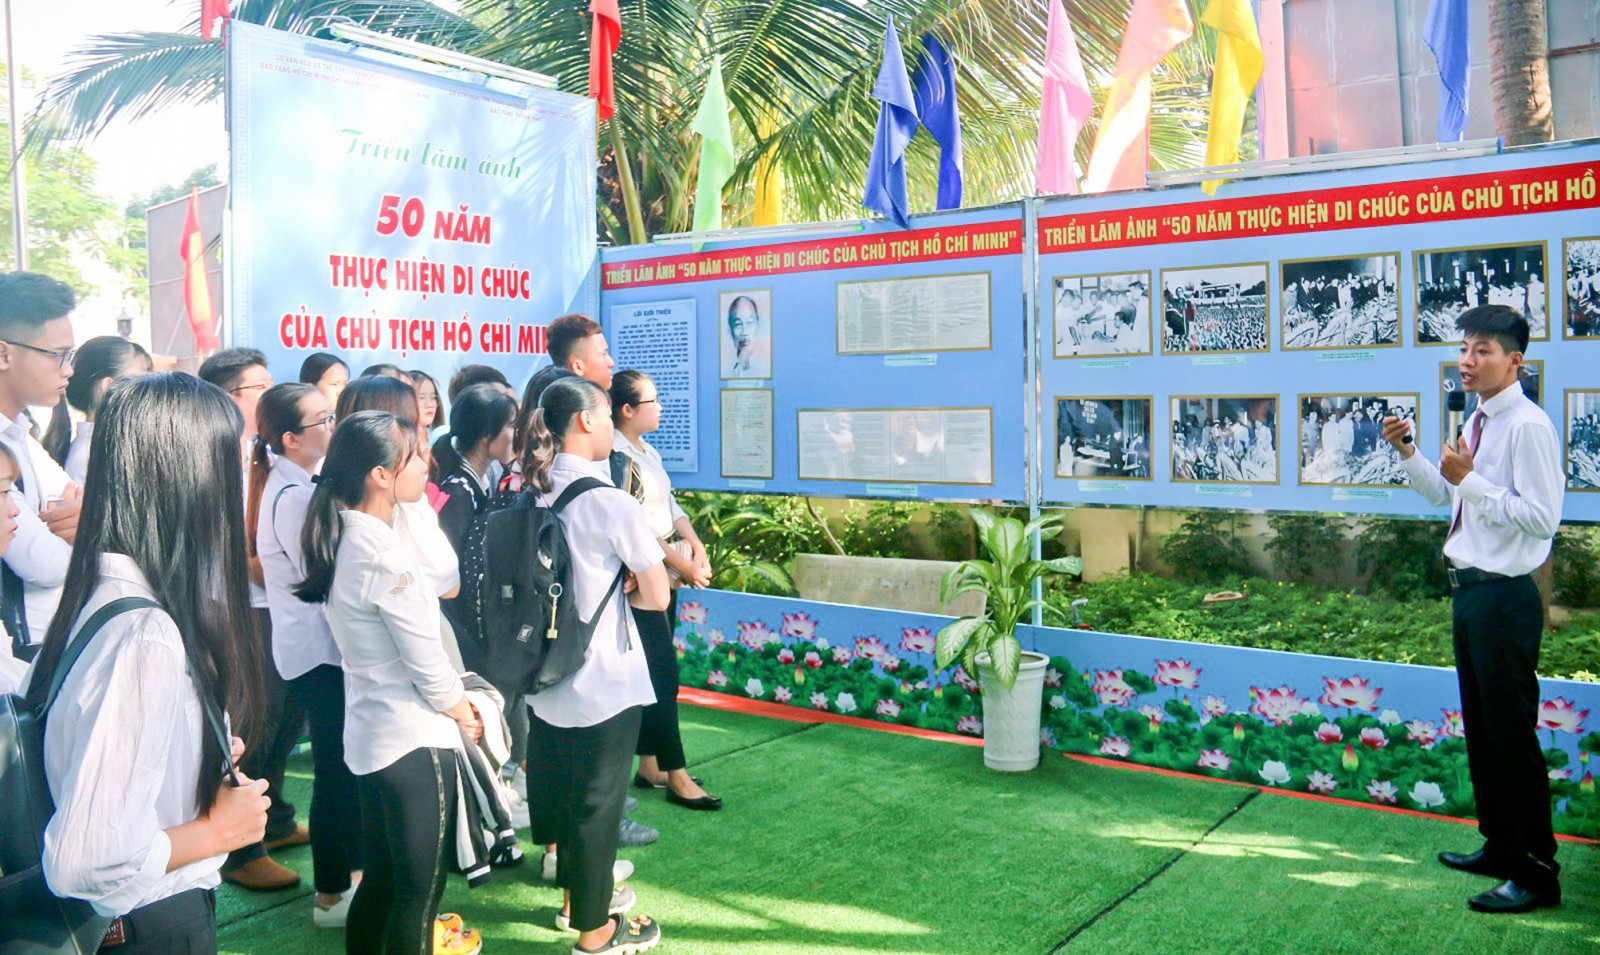 """Đông đảo tuổi trẻ đến xem triển lãm """"50 năm thực hiện Di chúc của Chủ tịch Hồ Chí Minh""""."""